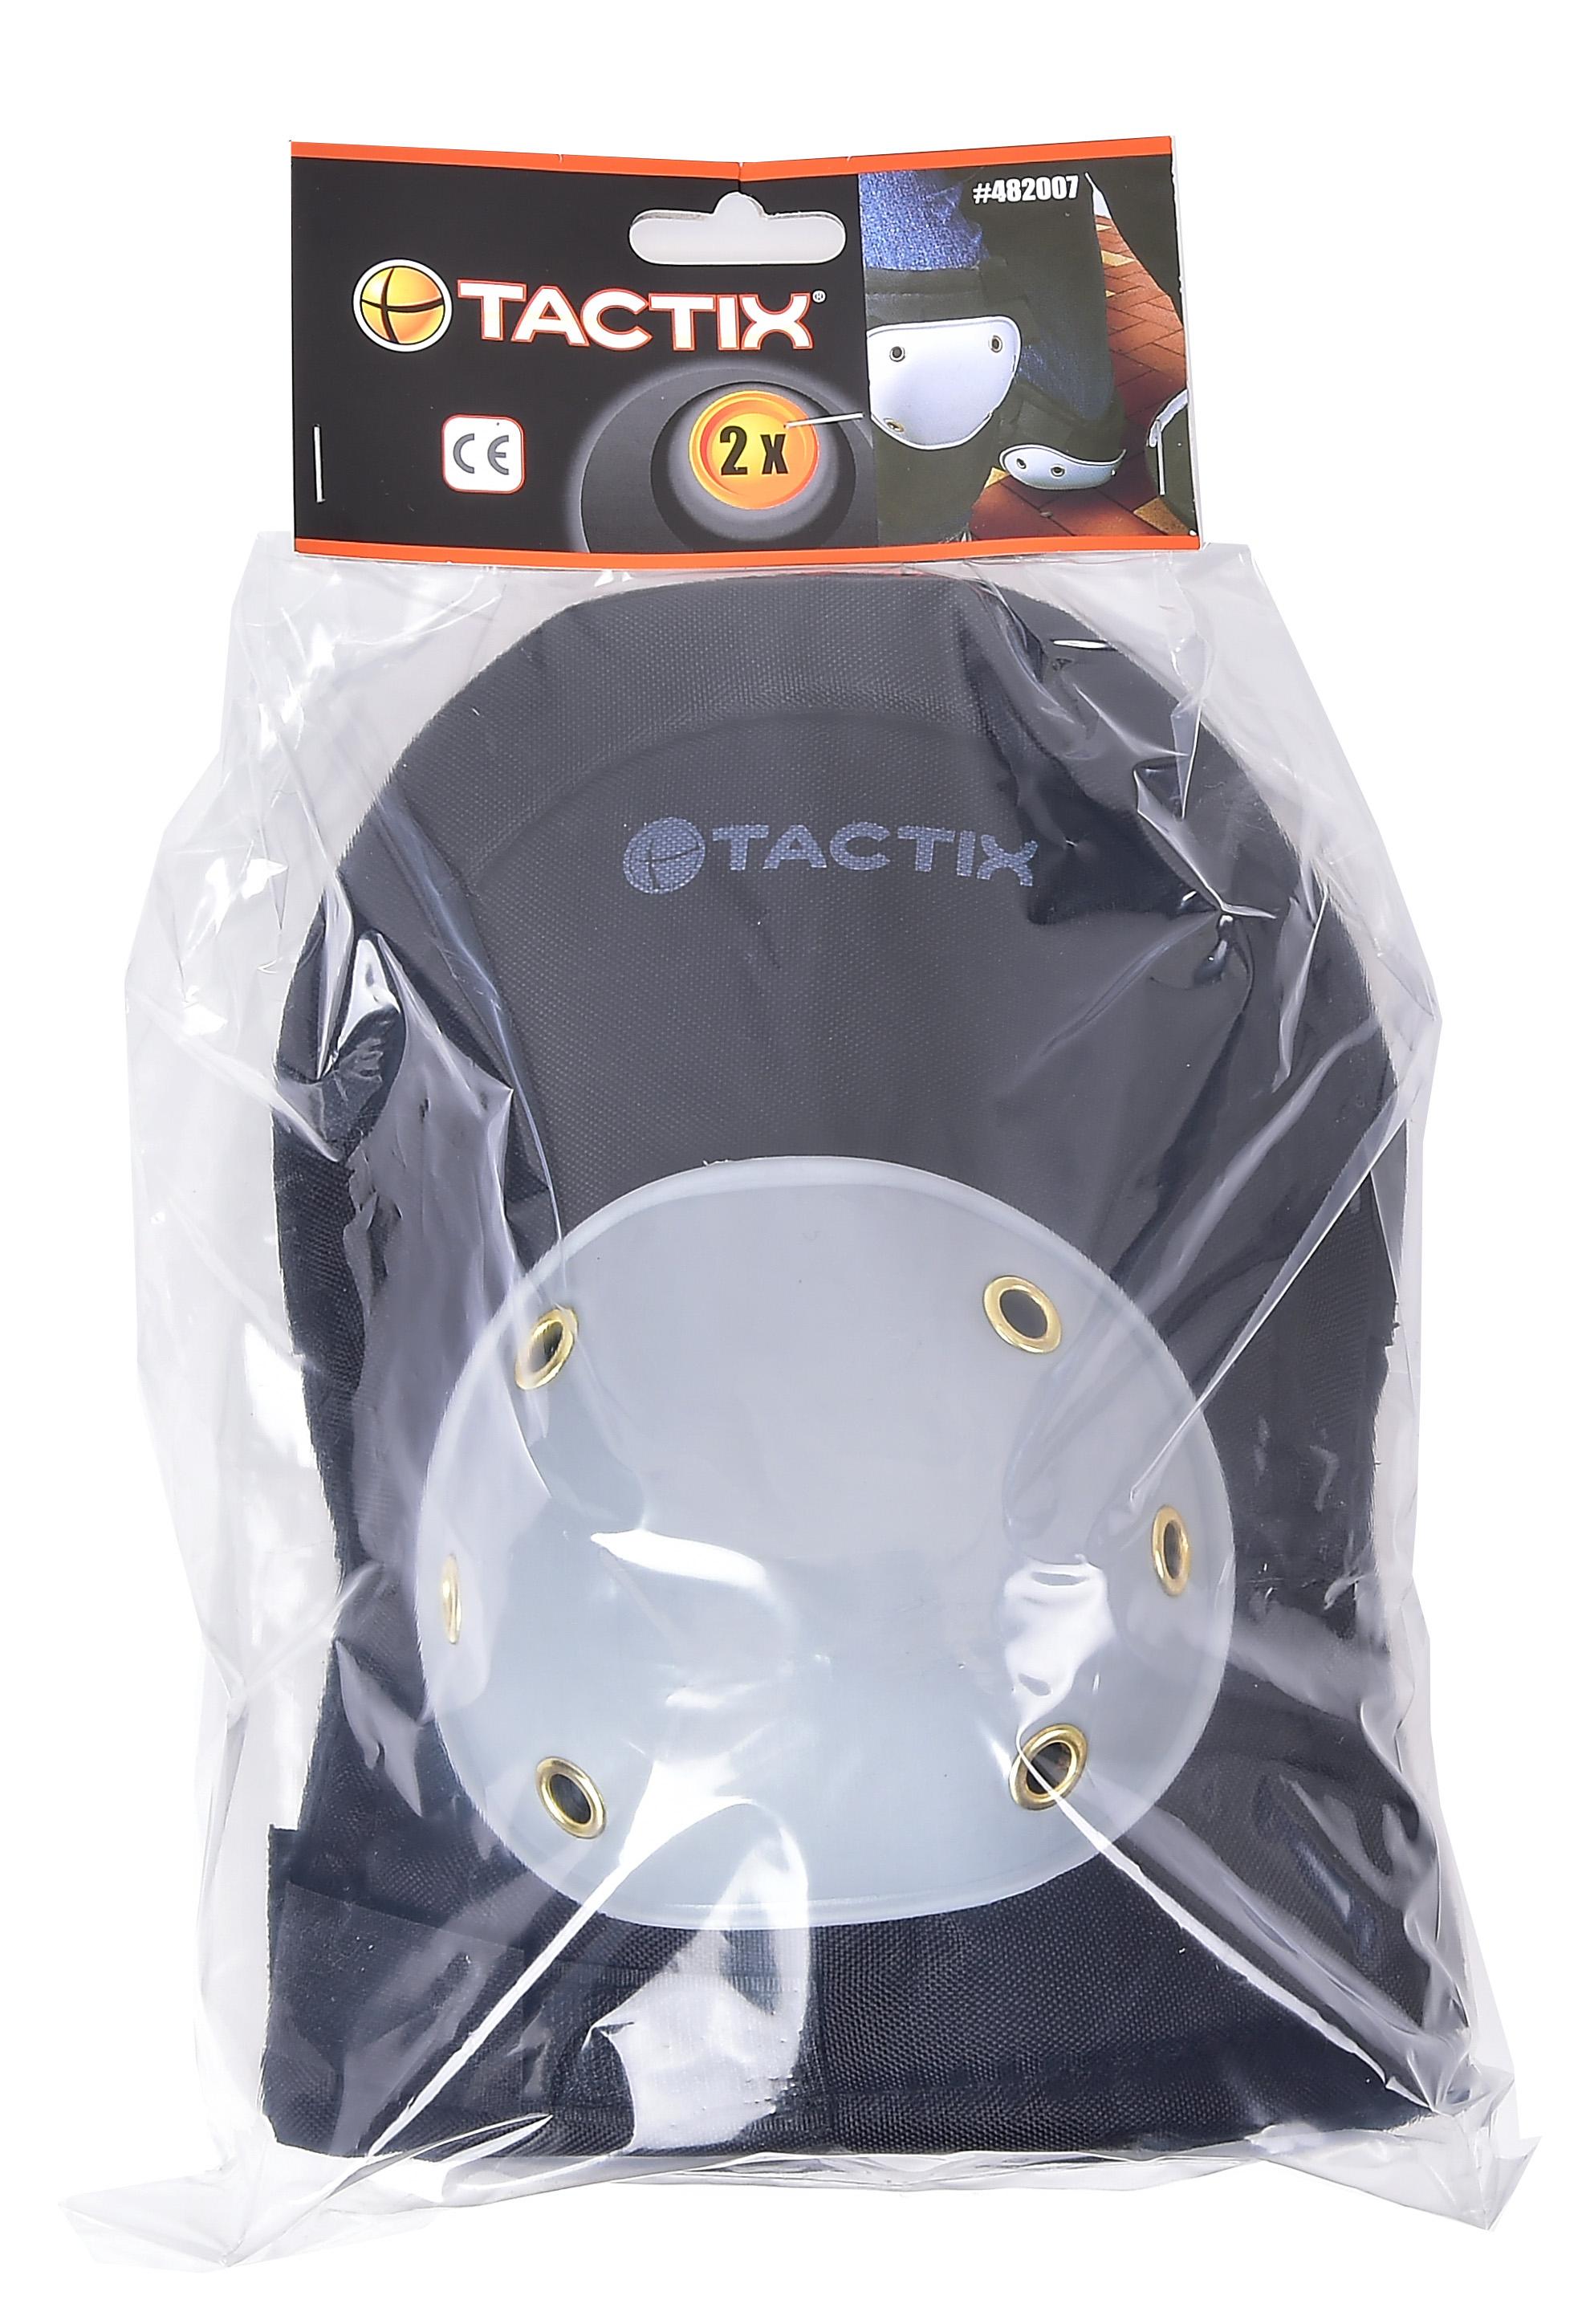 RODILLERAS TACTIX ECO TX482007